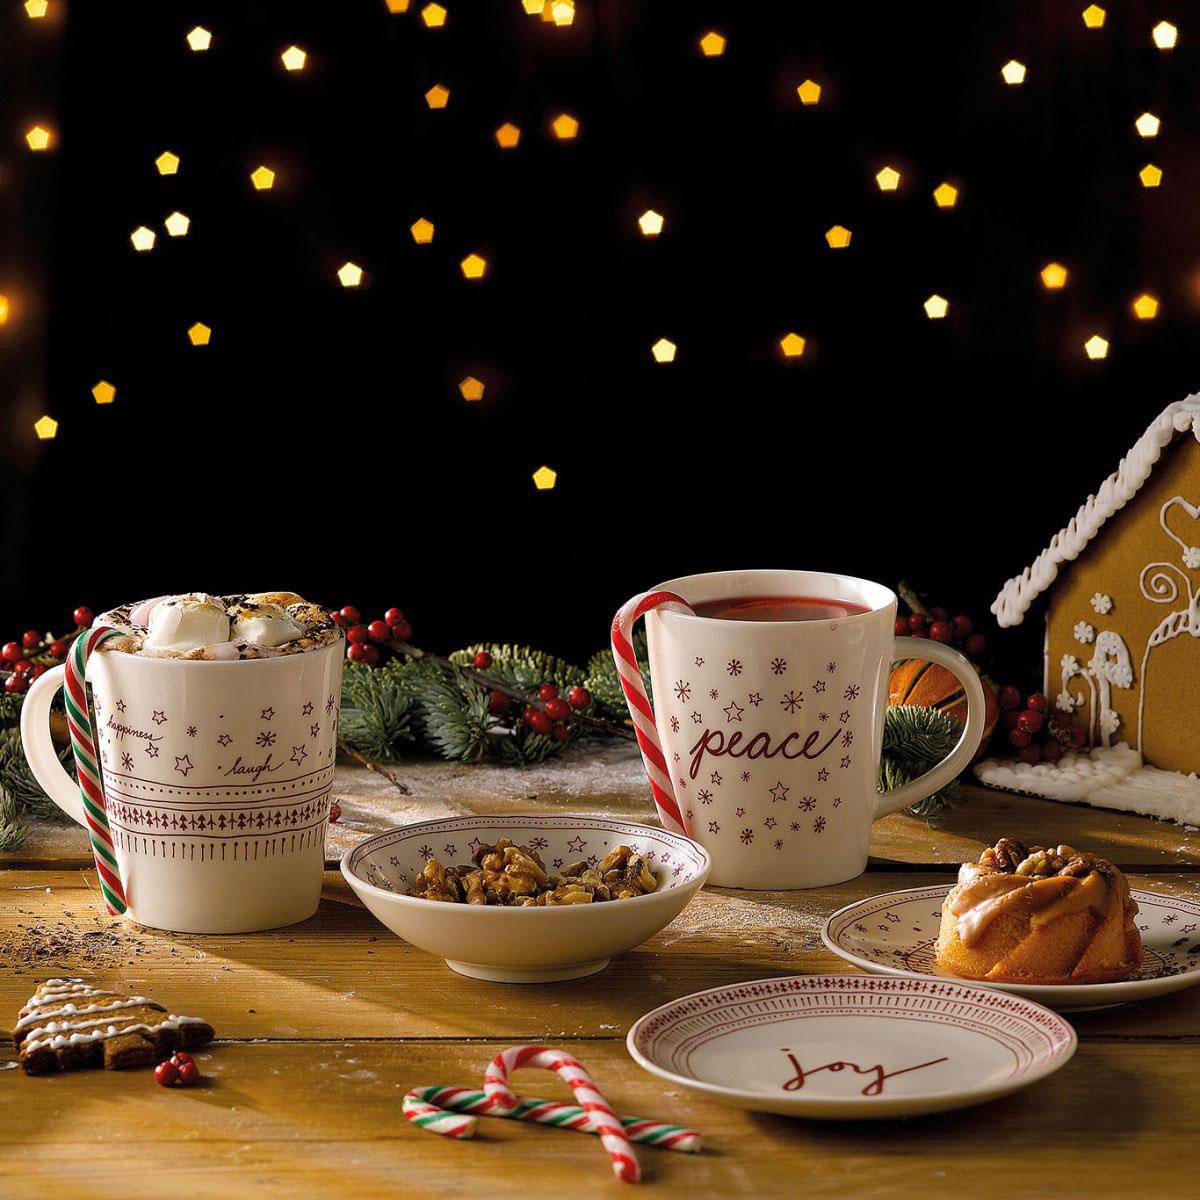 Royal Doulton, ED Ellen Degeneres Holiday China Accent Mug Set of Four